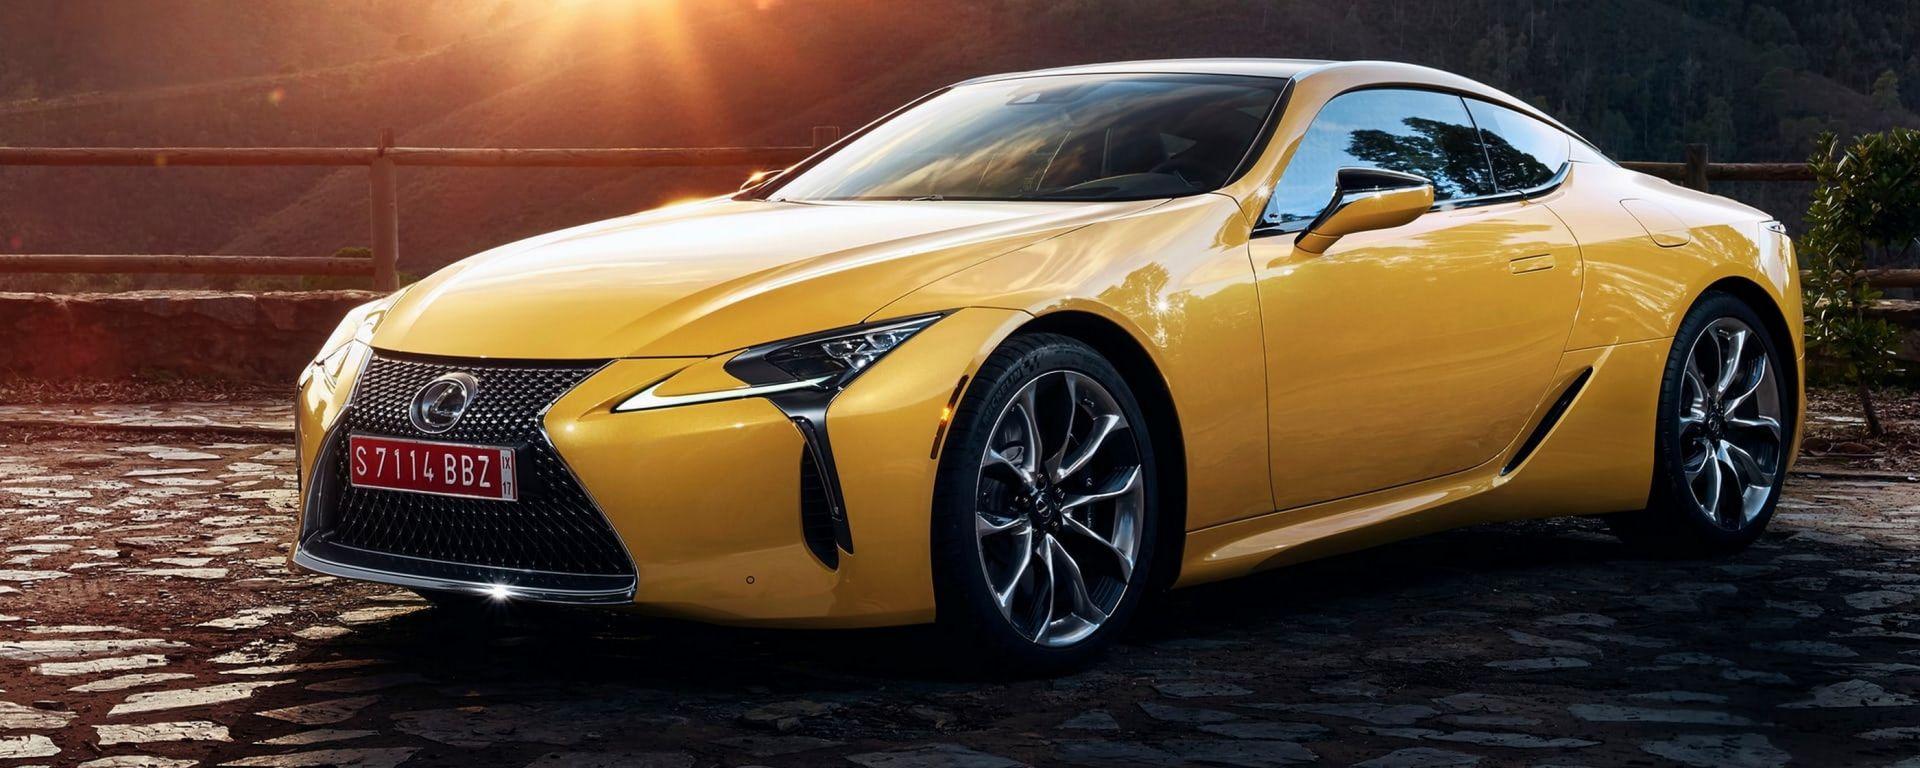 Salone di Parigi 2018: ecco la Lexus LC Yellow Edition